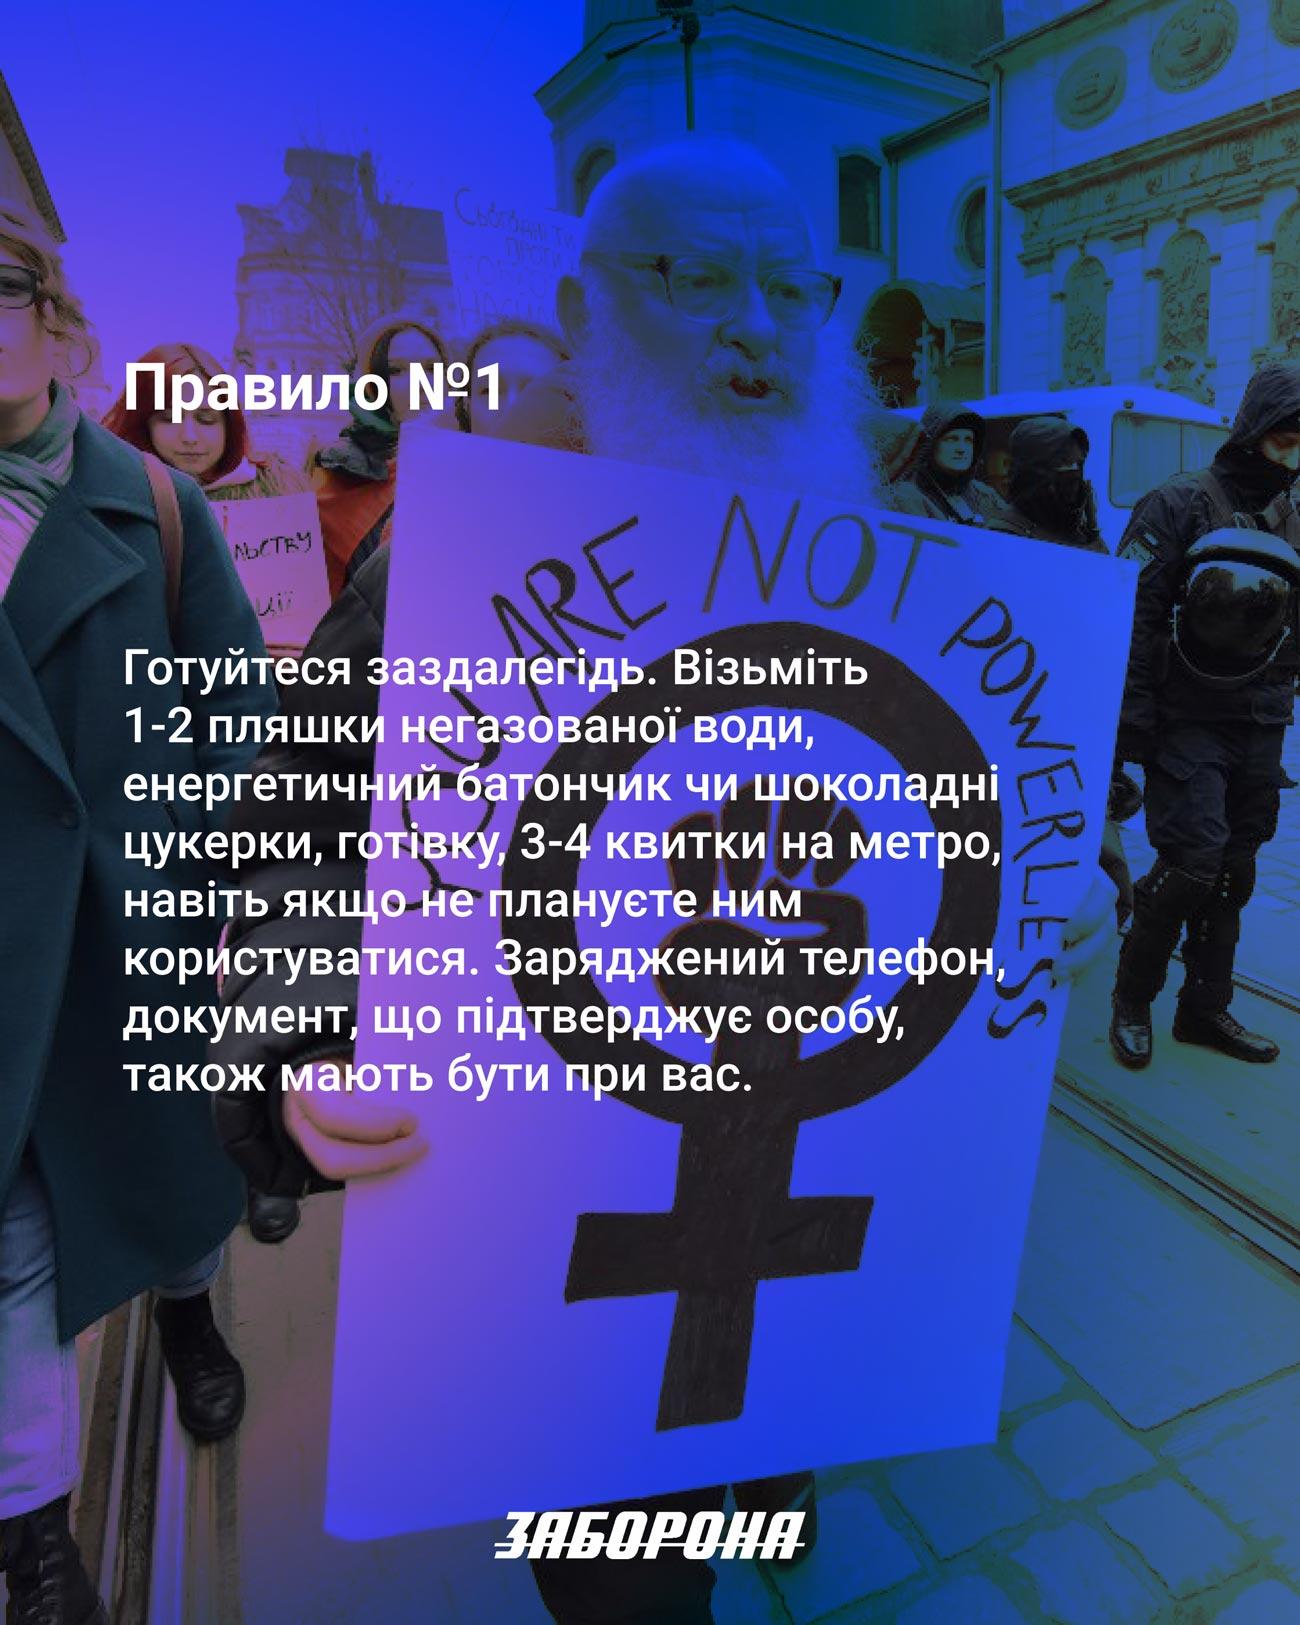 women march cards rule 1 ua - <b>Як сходити на марш і вернутися неушкодженою.</b> Коротка інструкція з безпеки - Заборона